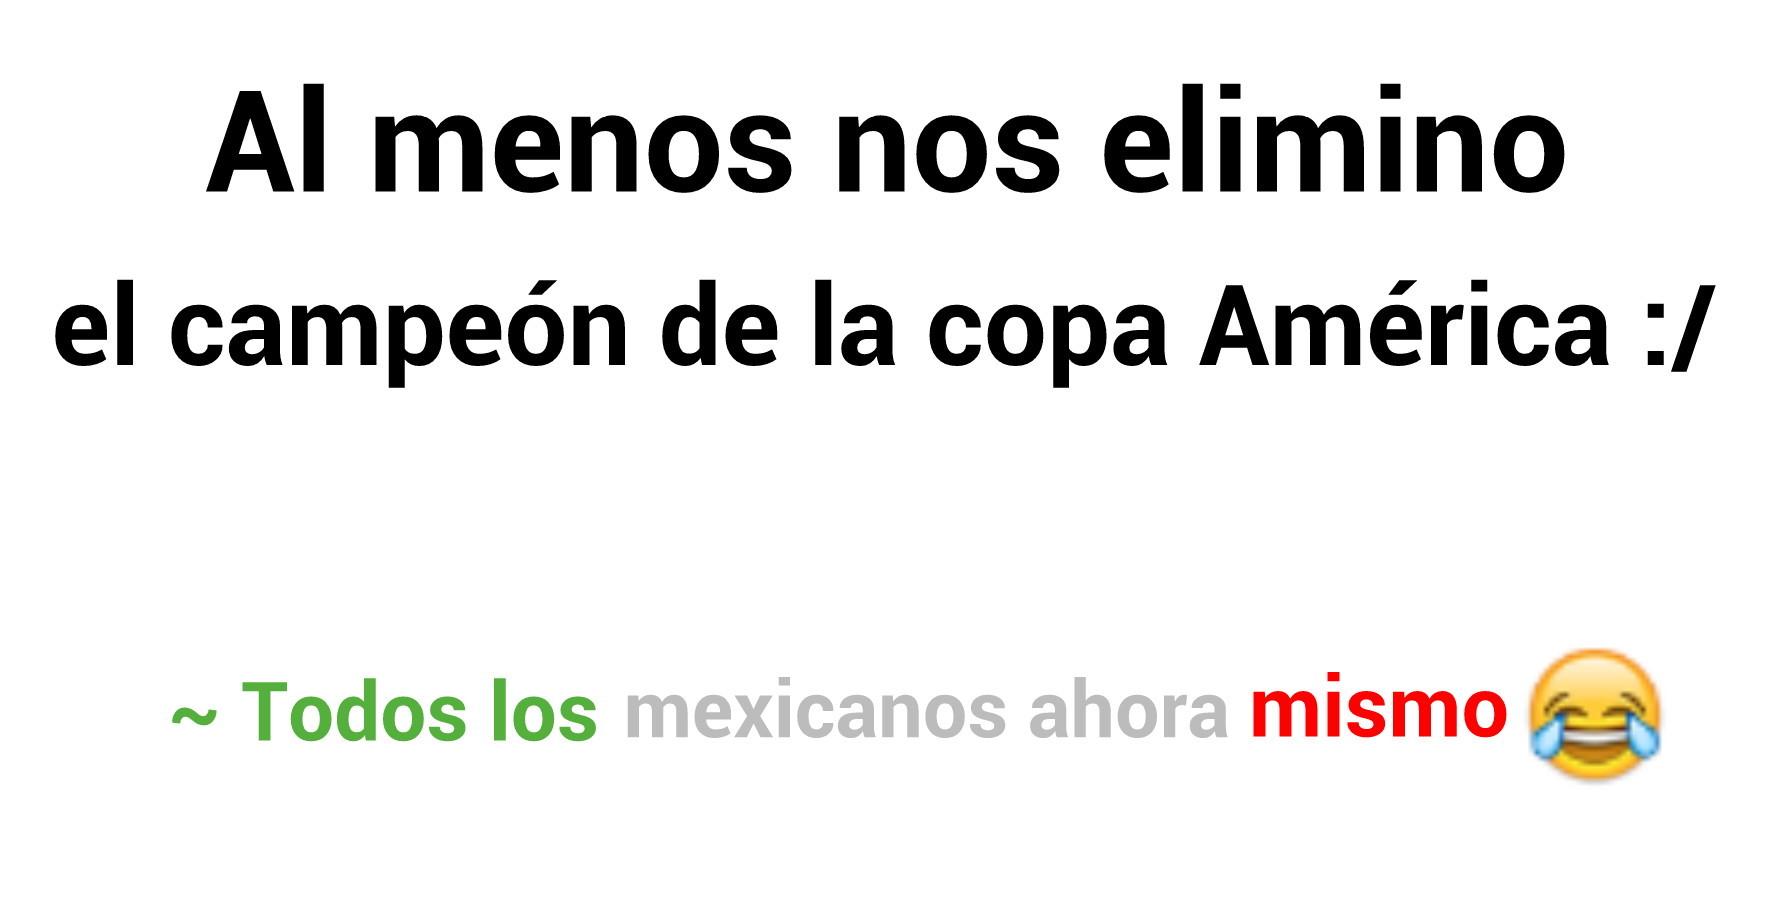 La hice y soy mexicano :'v Felicidades Chilenos ♥ >:v/ - meme